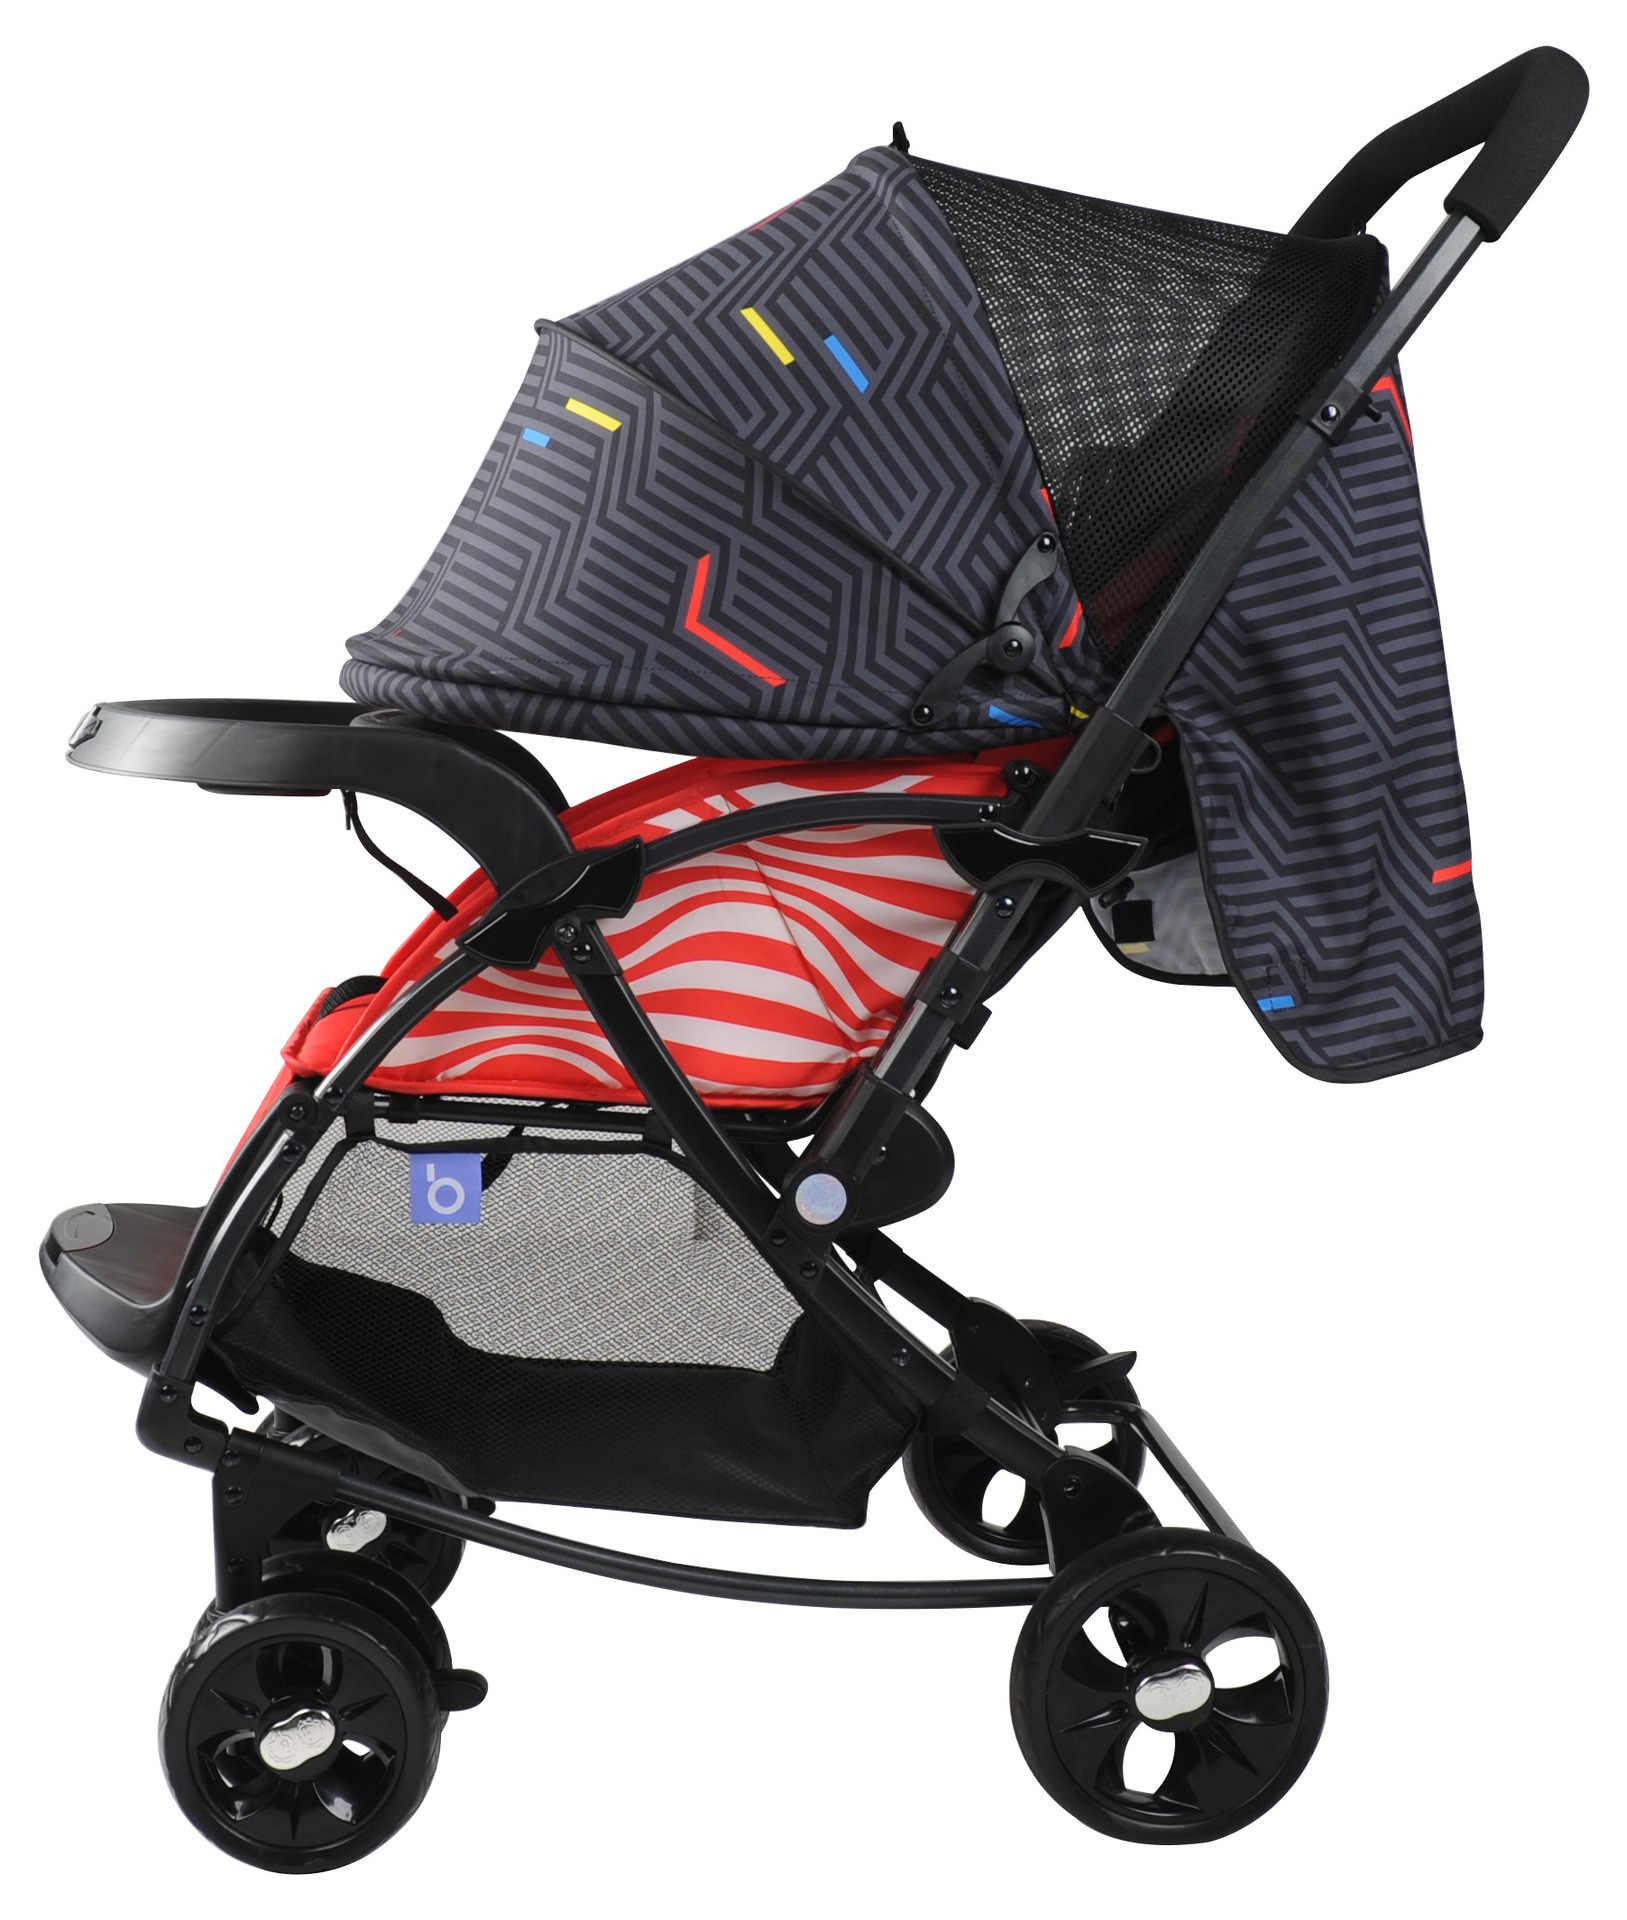 Многофункциональная коляска для сани и лыжного спорта 3 в 1 Коляска 2 направления легко складывается плоская расширяющаяся коляска